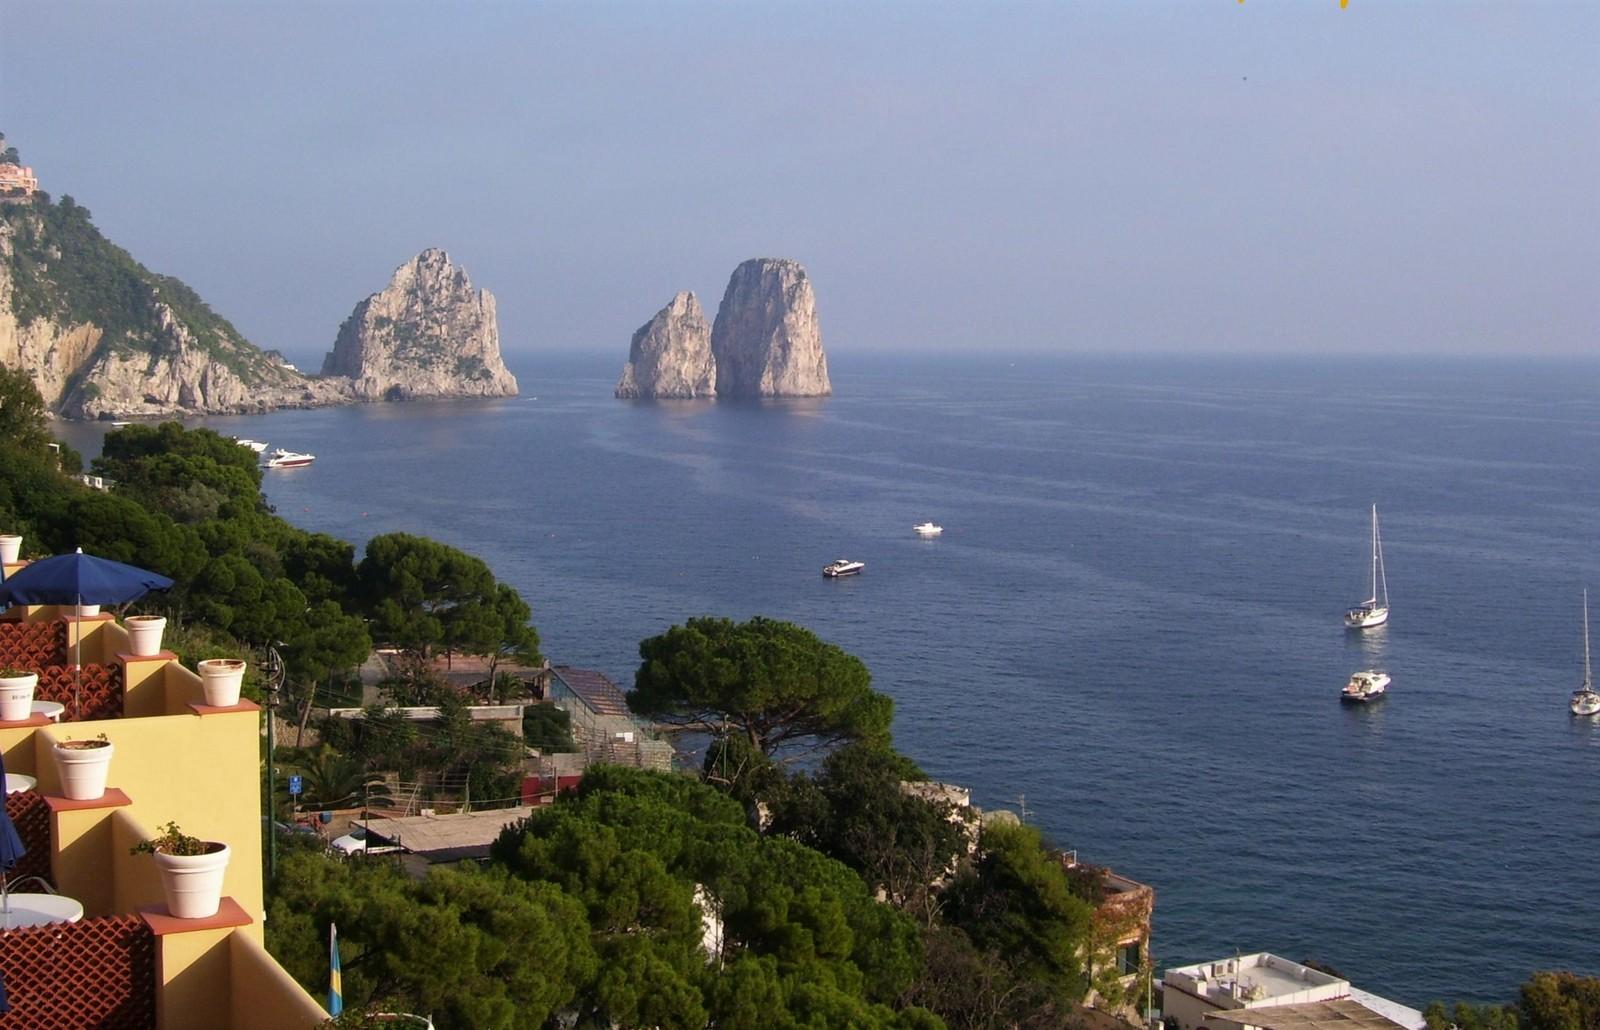 Hotel Weber Ambassador - Marina Piccola - Capri